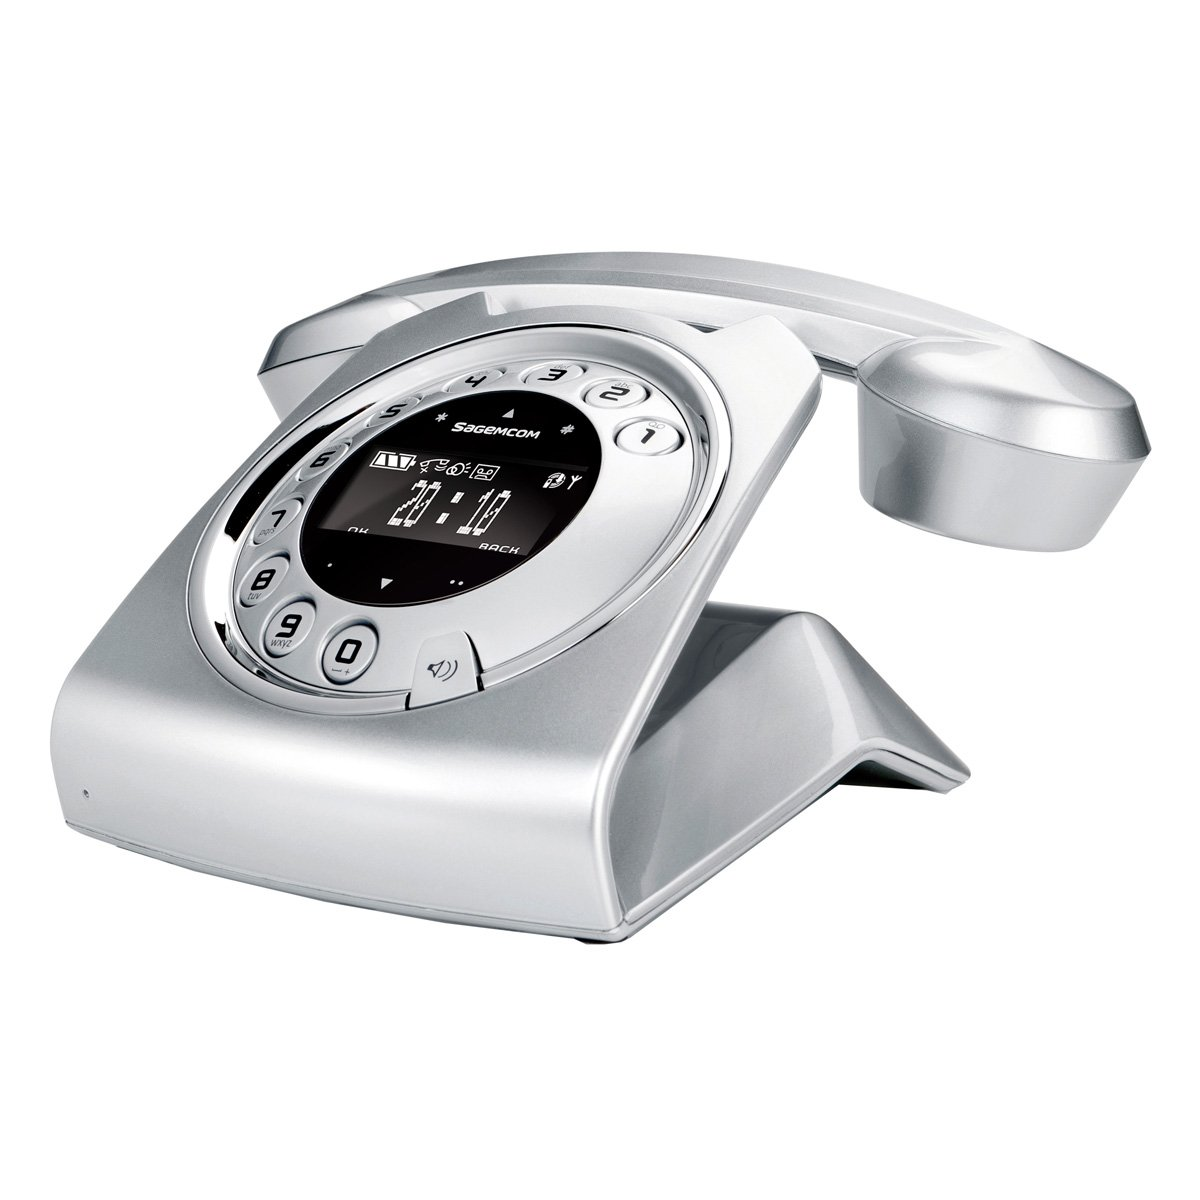 T�l�phone fixe SAGEM SIXTY GRIS SOLO AVEC REPONDEUR